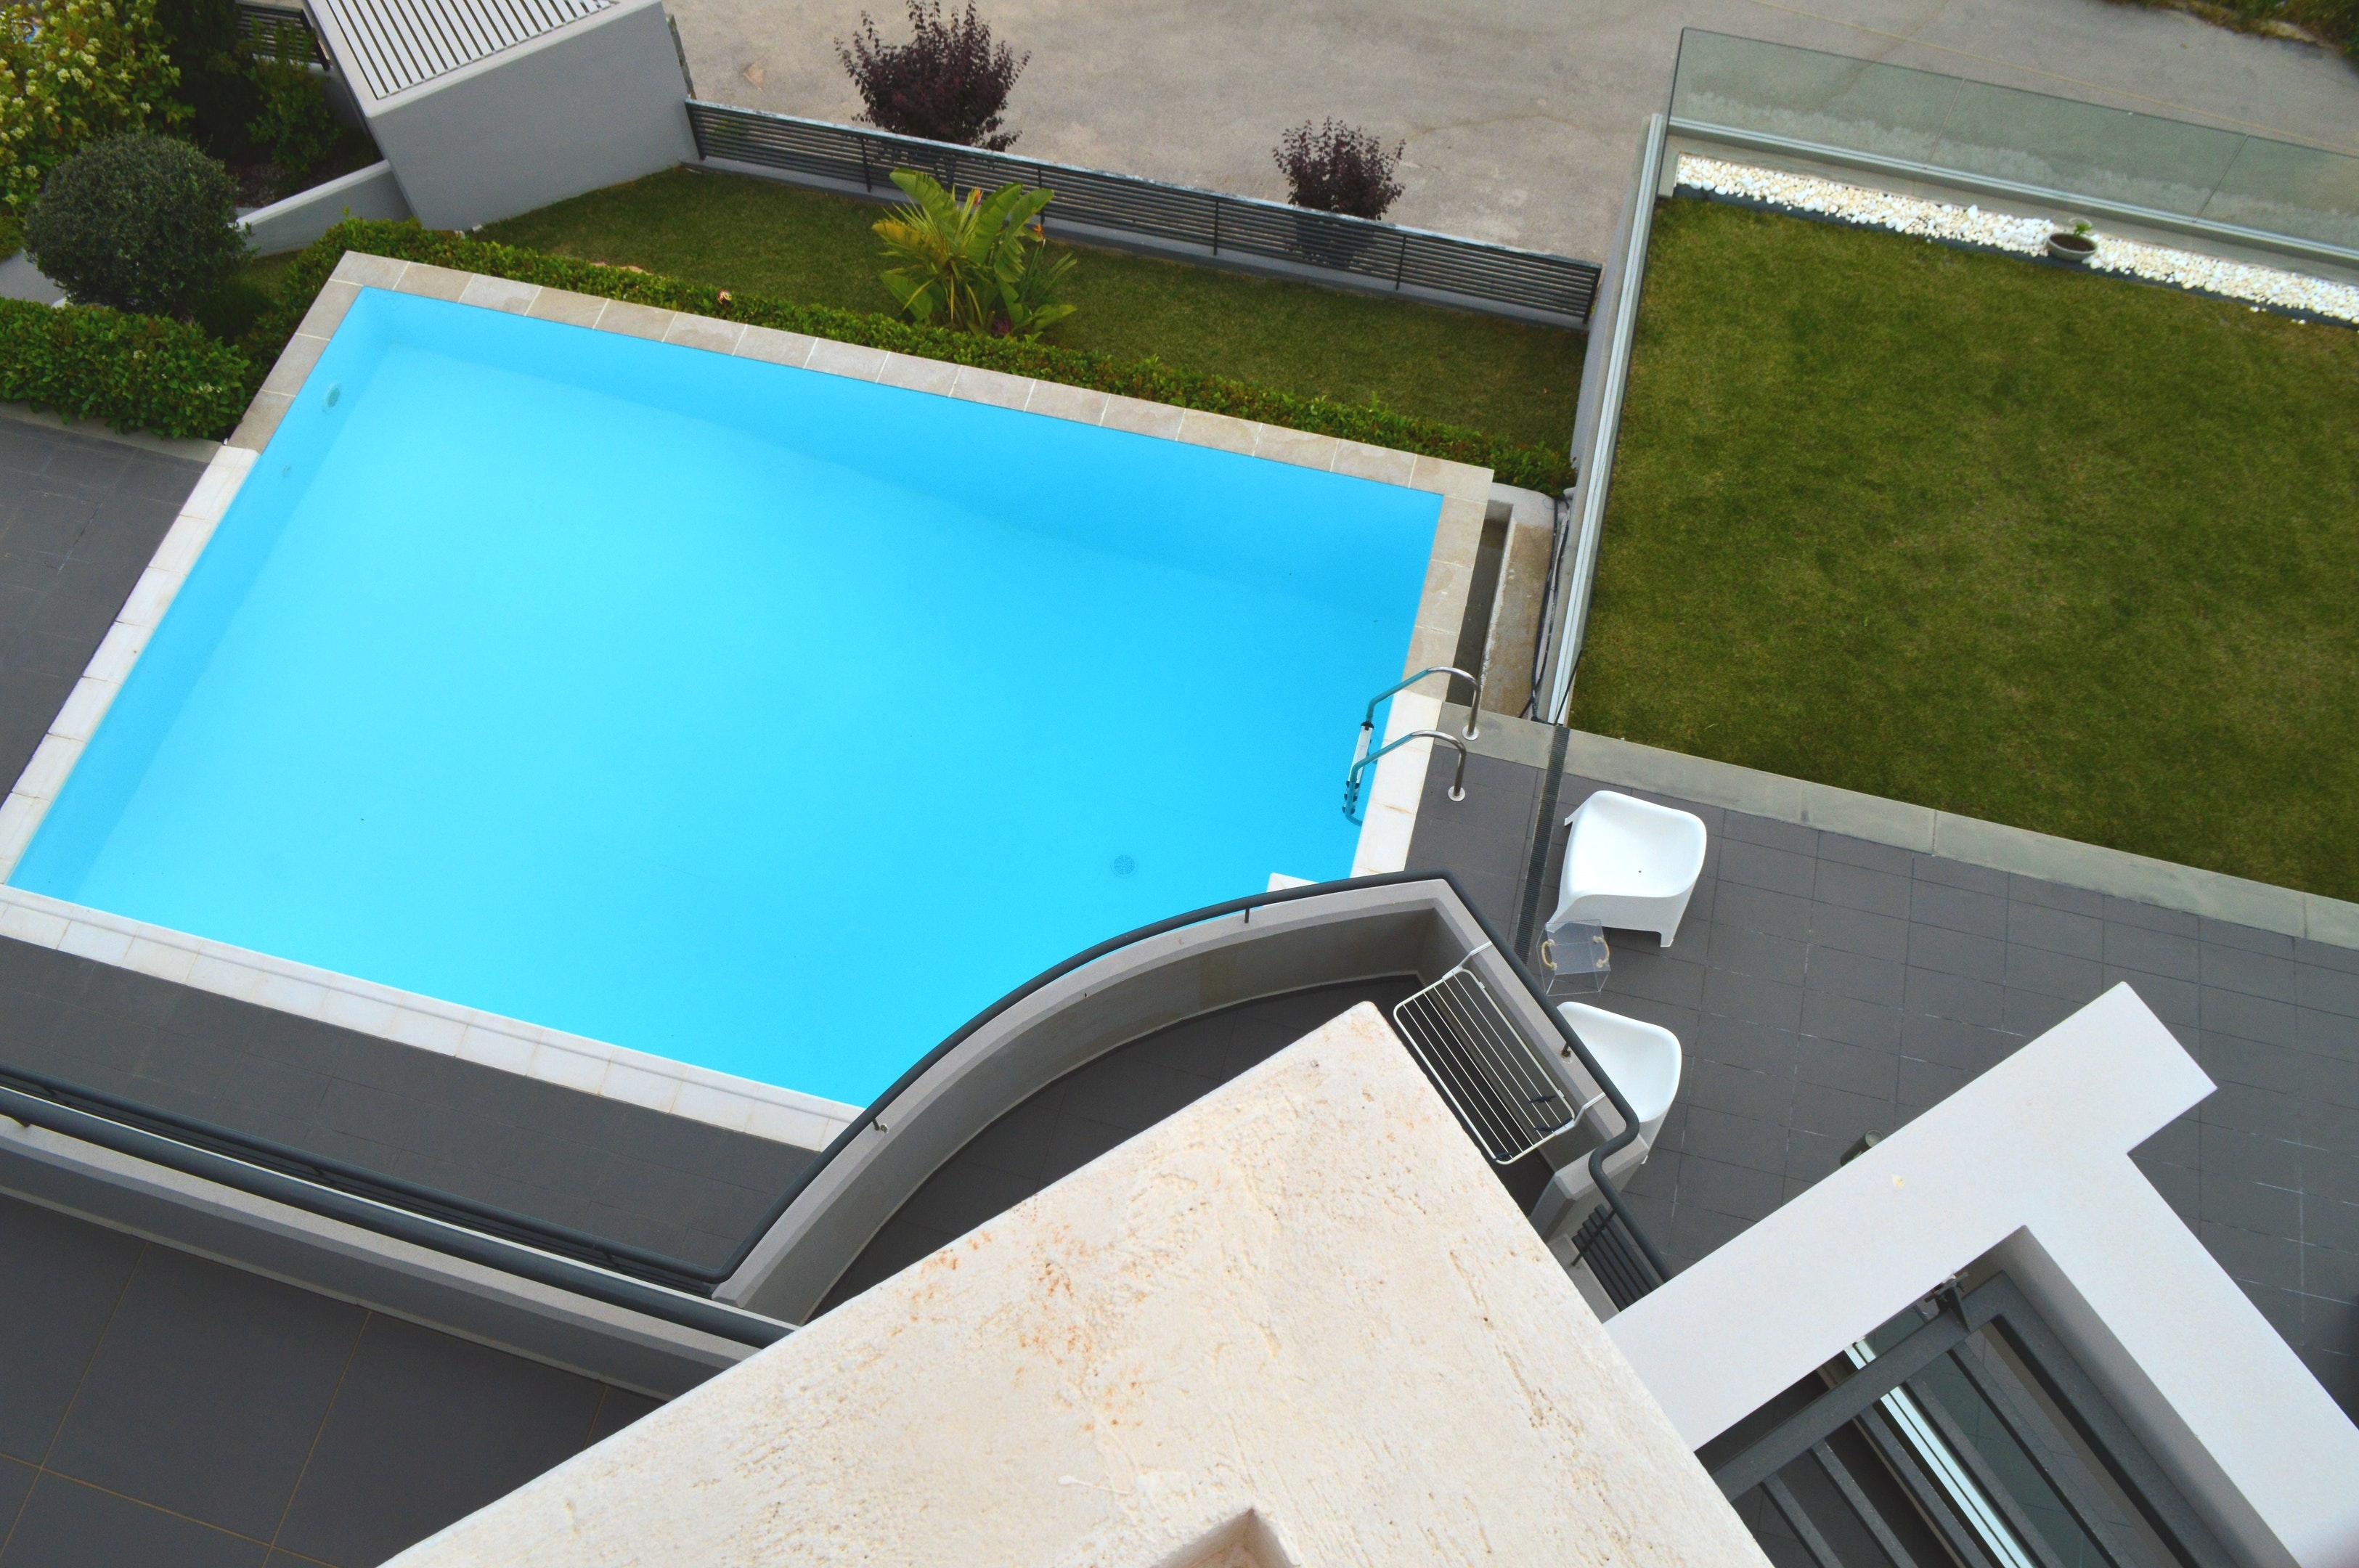 Maison de vacances Villa mit 4 Schlafzimmern in Anavissos mit herrlichem Meerblick, privatem Pool, eingezäunt (2339408), Thimari, , Attique, Grèce, image 18